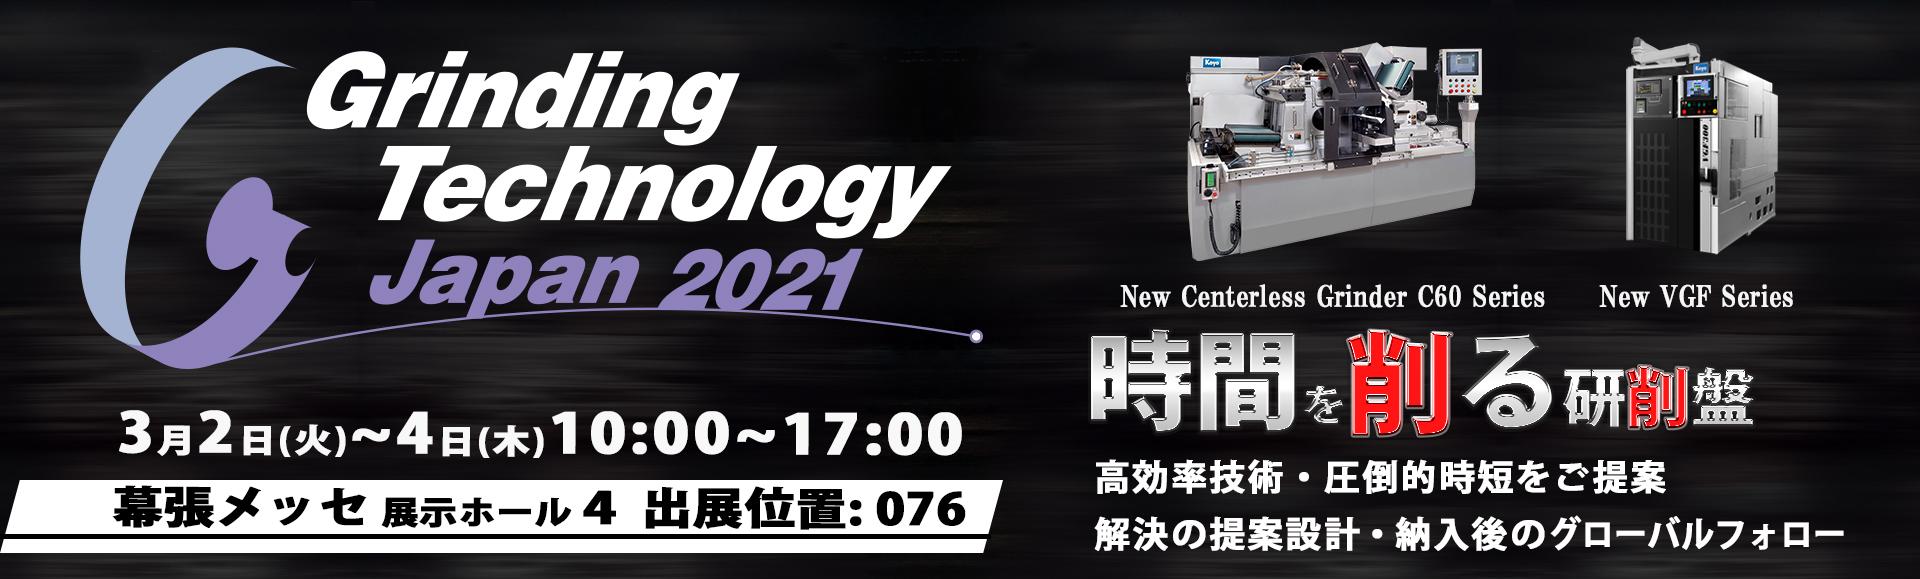 GTJ2021宣伝